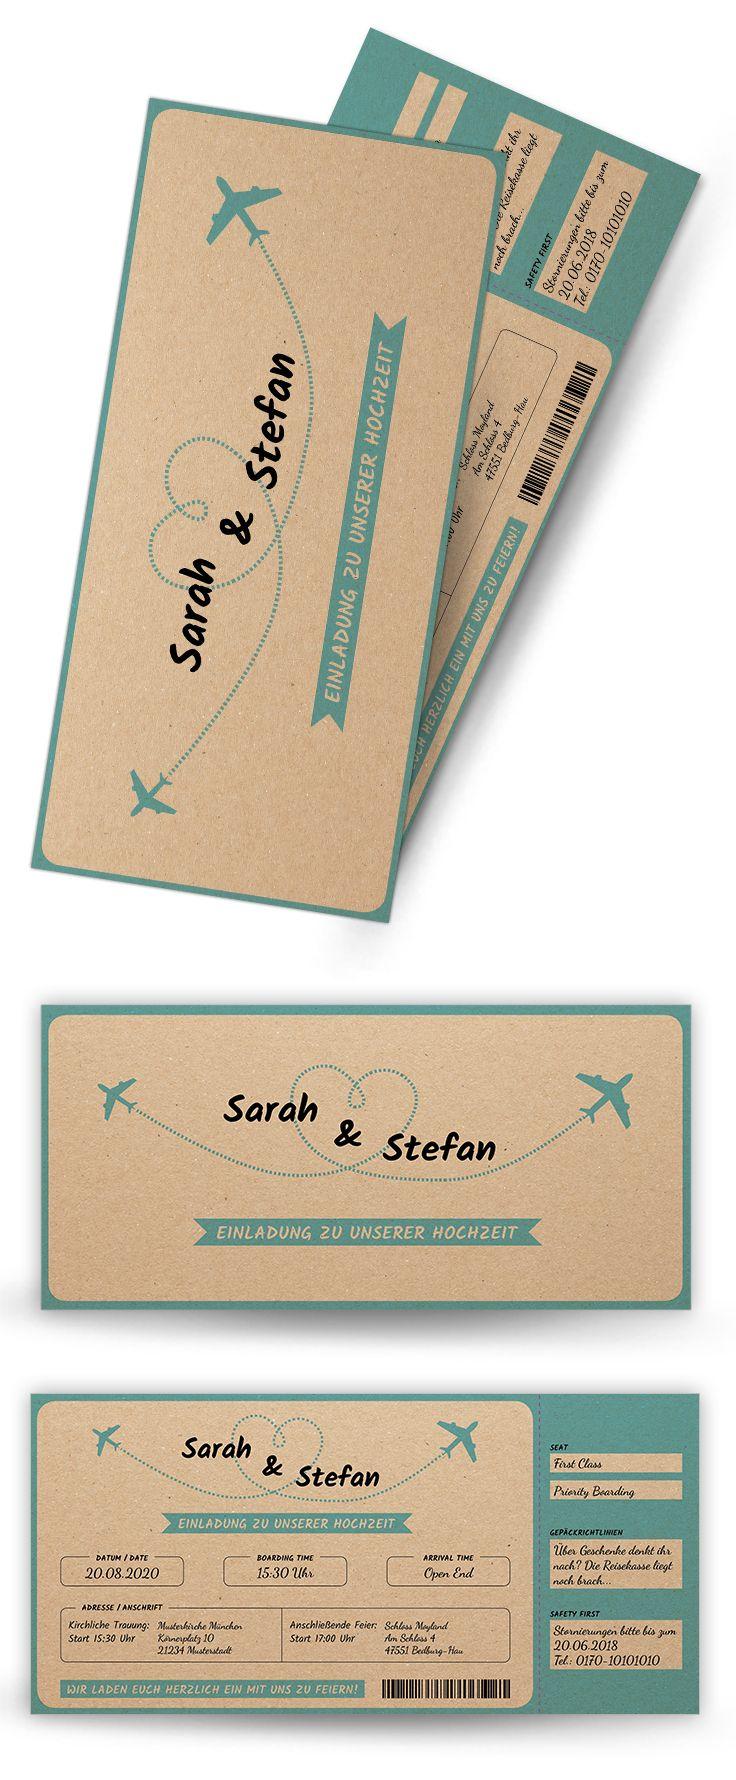 Esg hochzeitseinladung vintage flugticket auf kraftpapier eintrittskarte diese edle eintrittskarte im vintage style überzeugt mit ihrem einfac